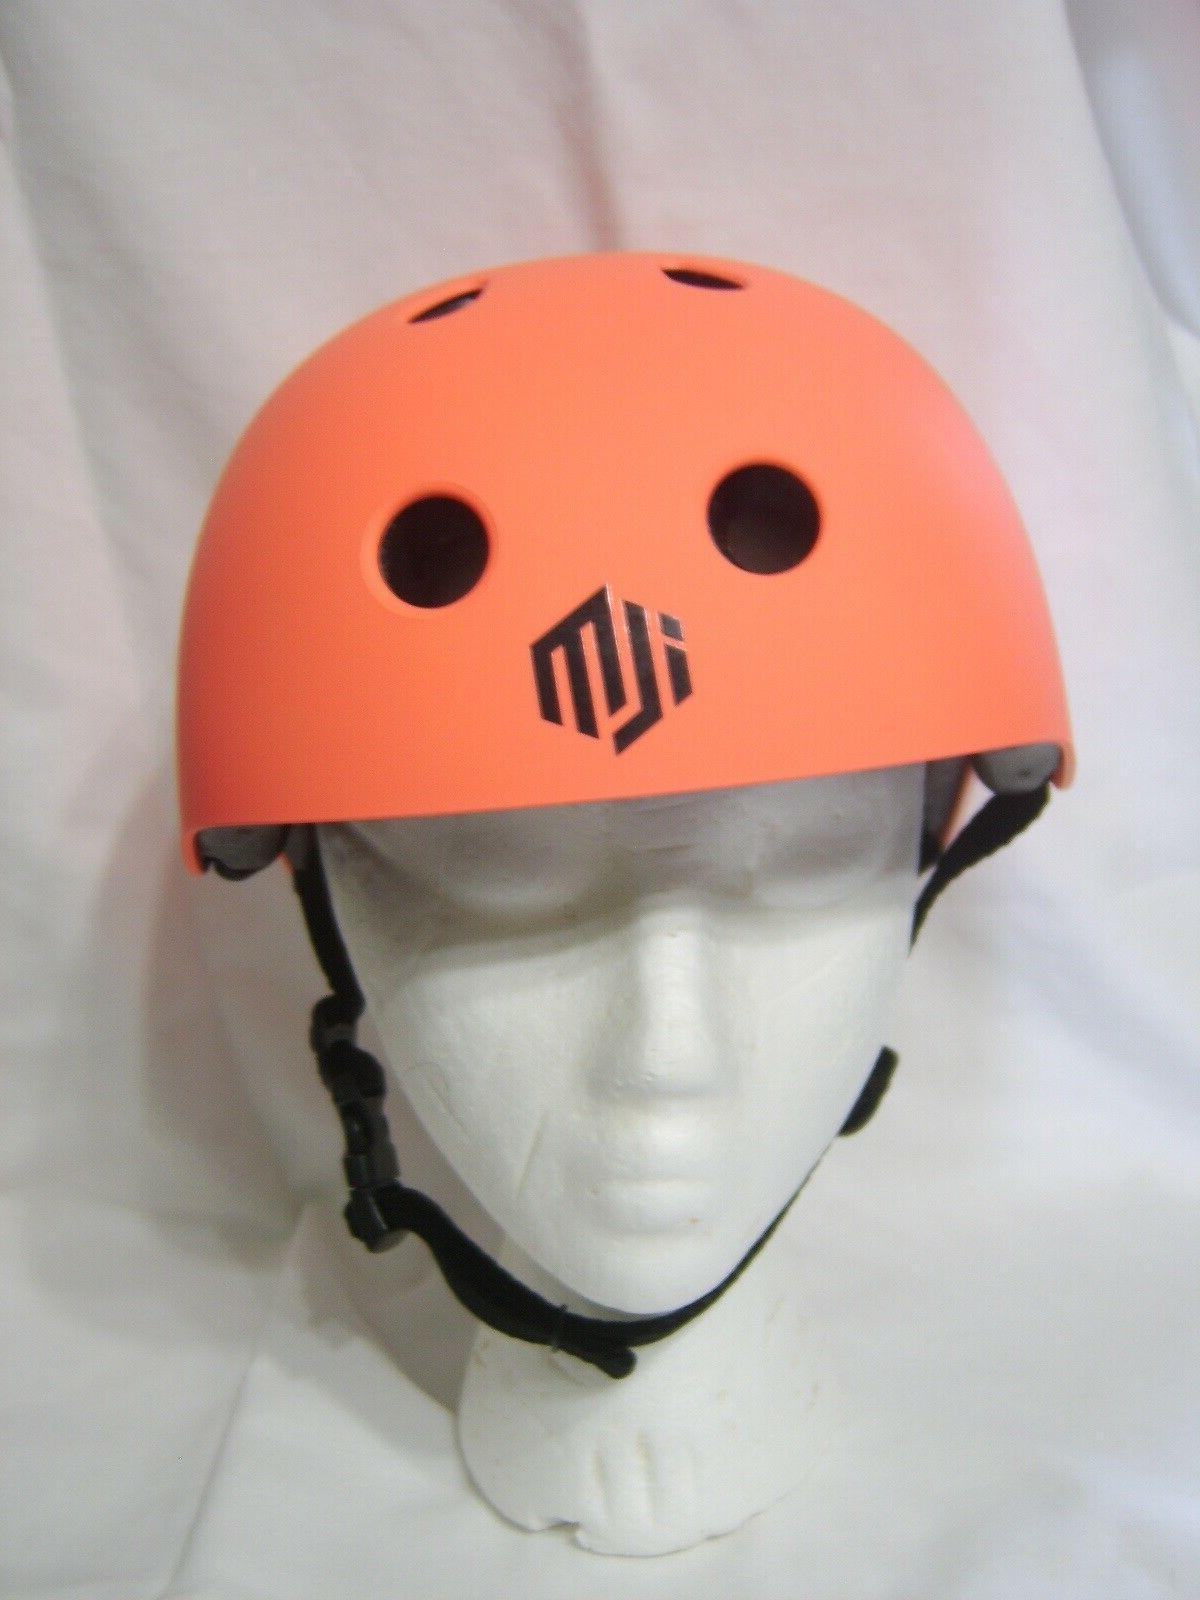 kids skate boarding safety helmet color orange